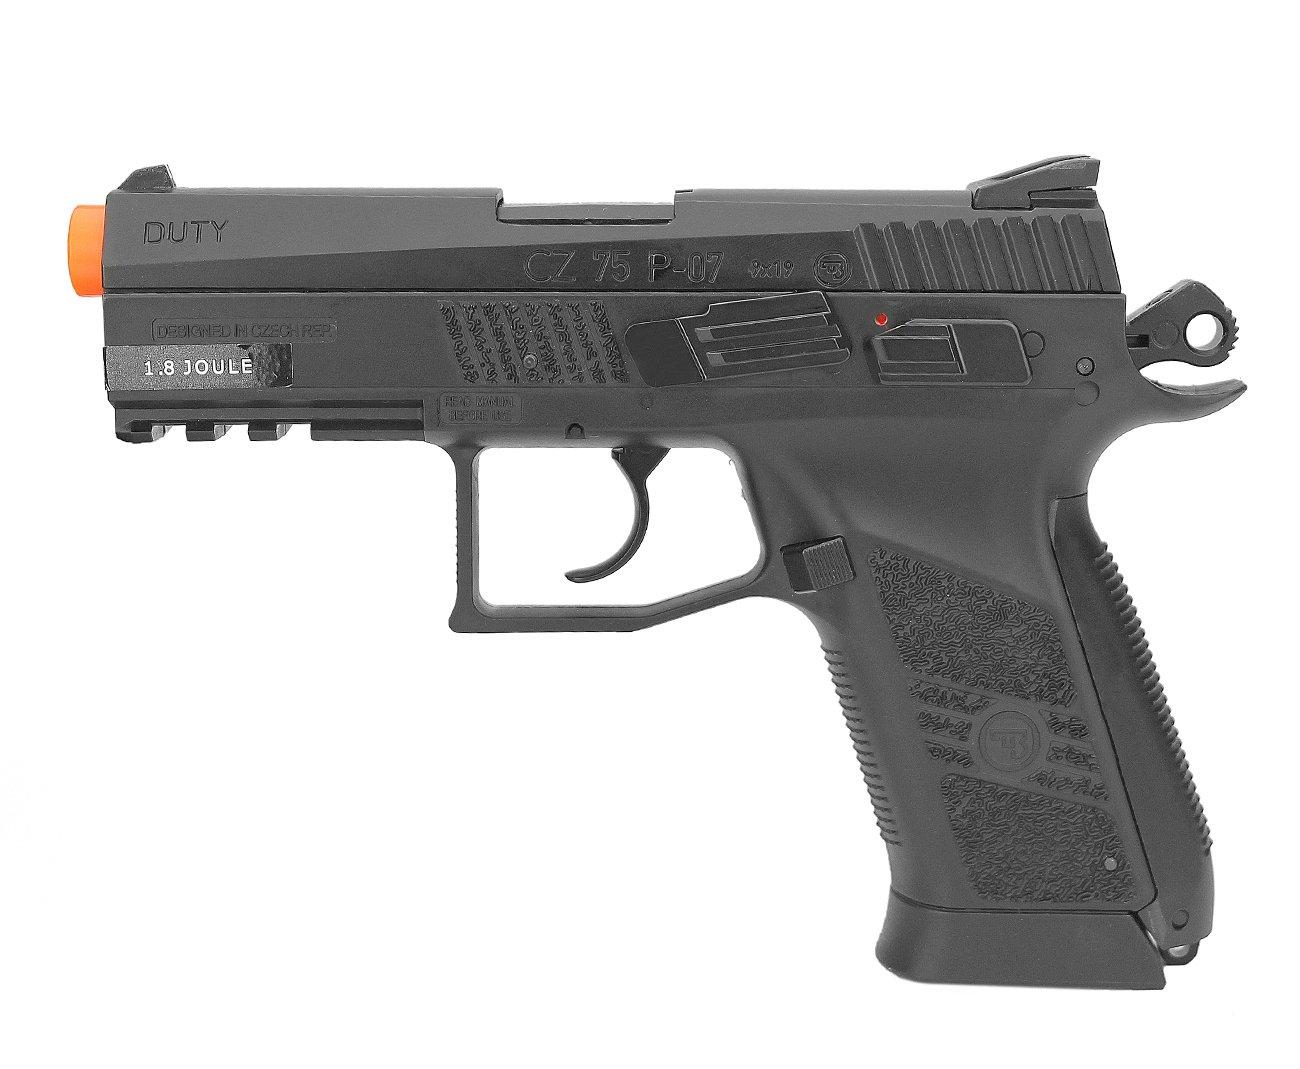 Pistola De Airsoft Co2 Cz 75 P-07 Duty Slide Metal 6.0mm Asg